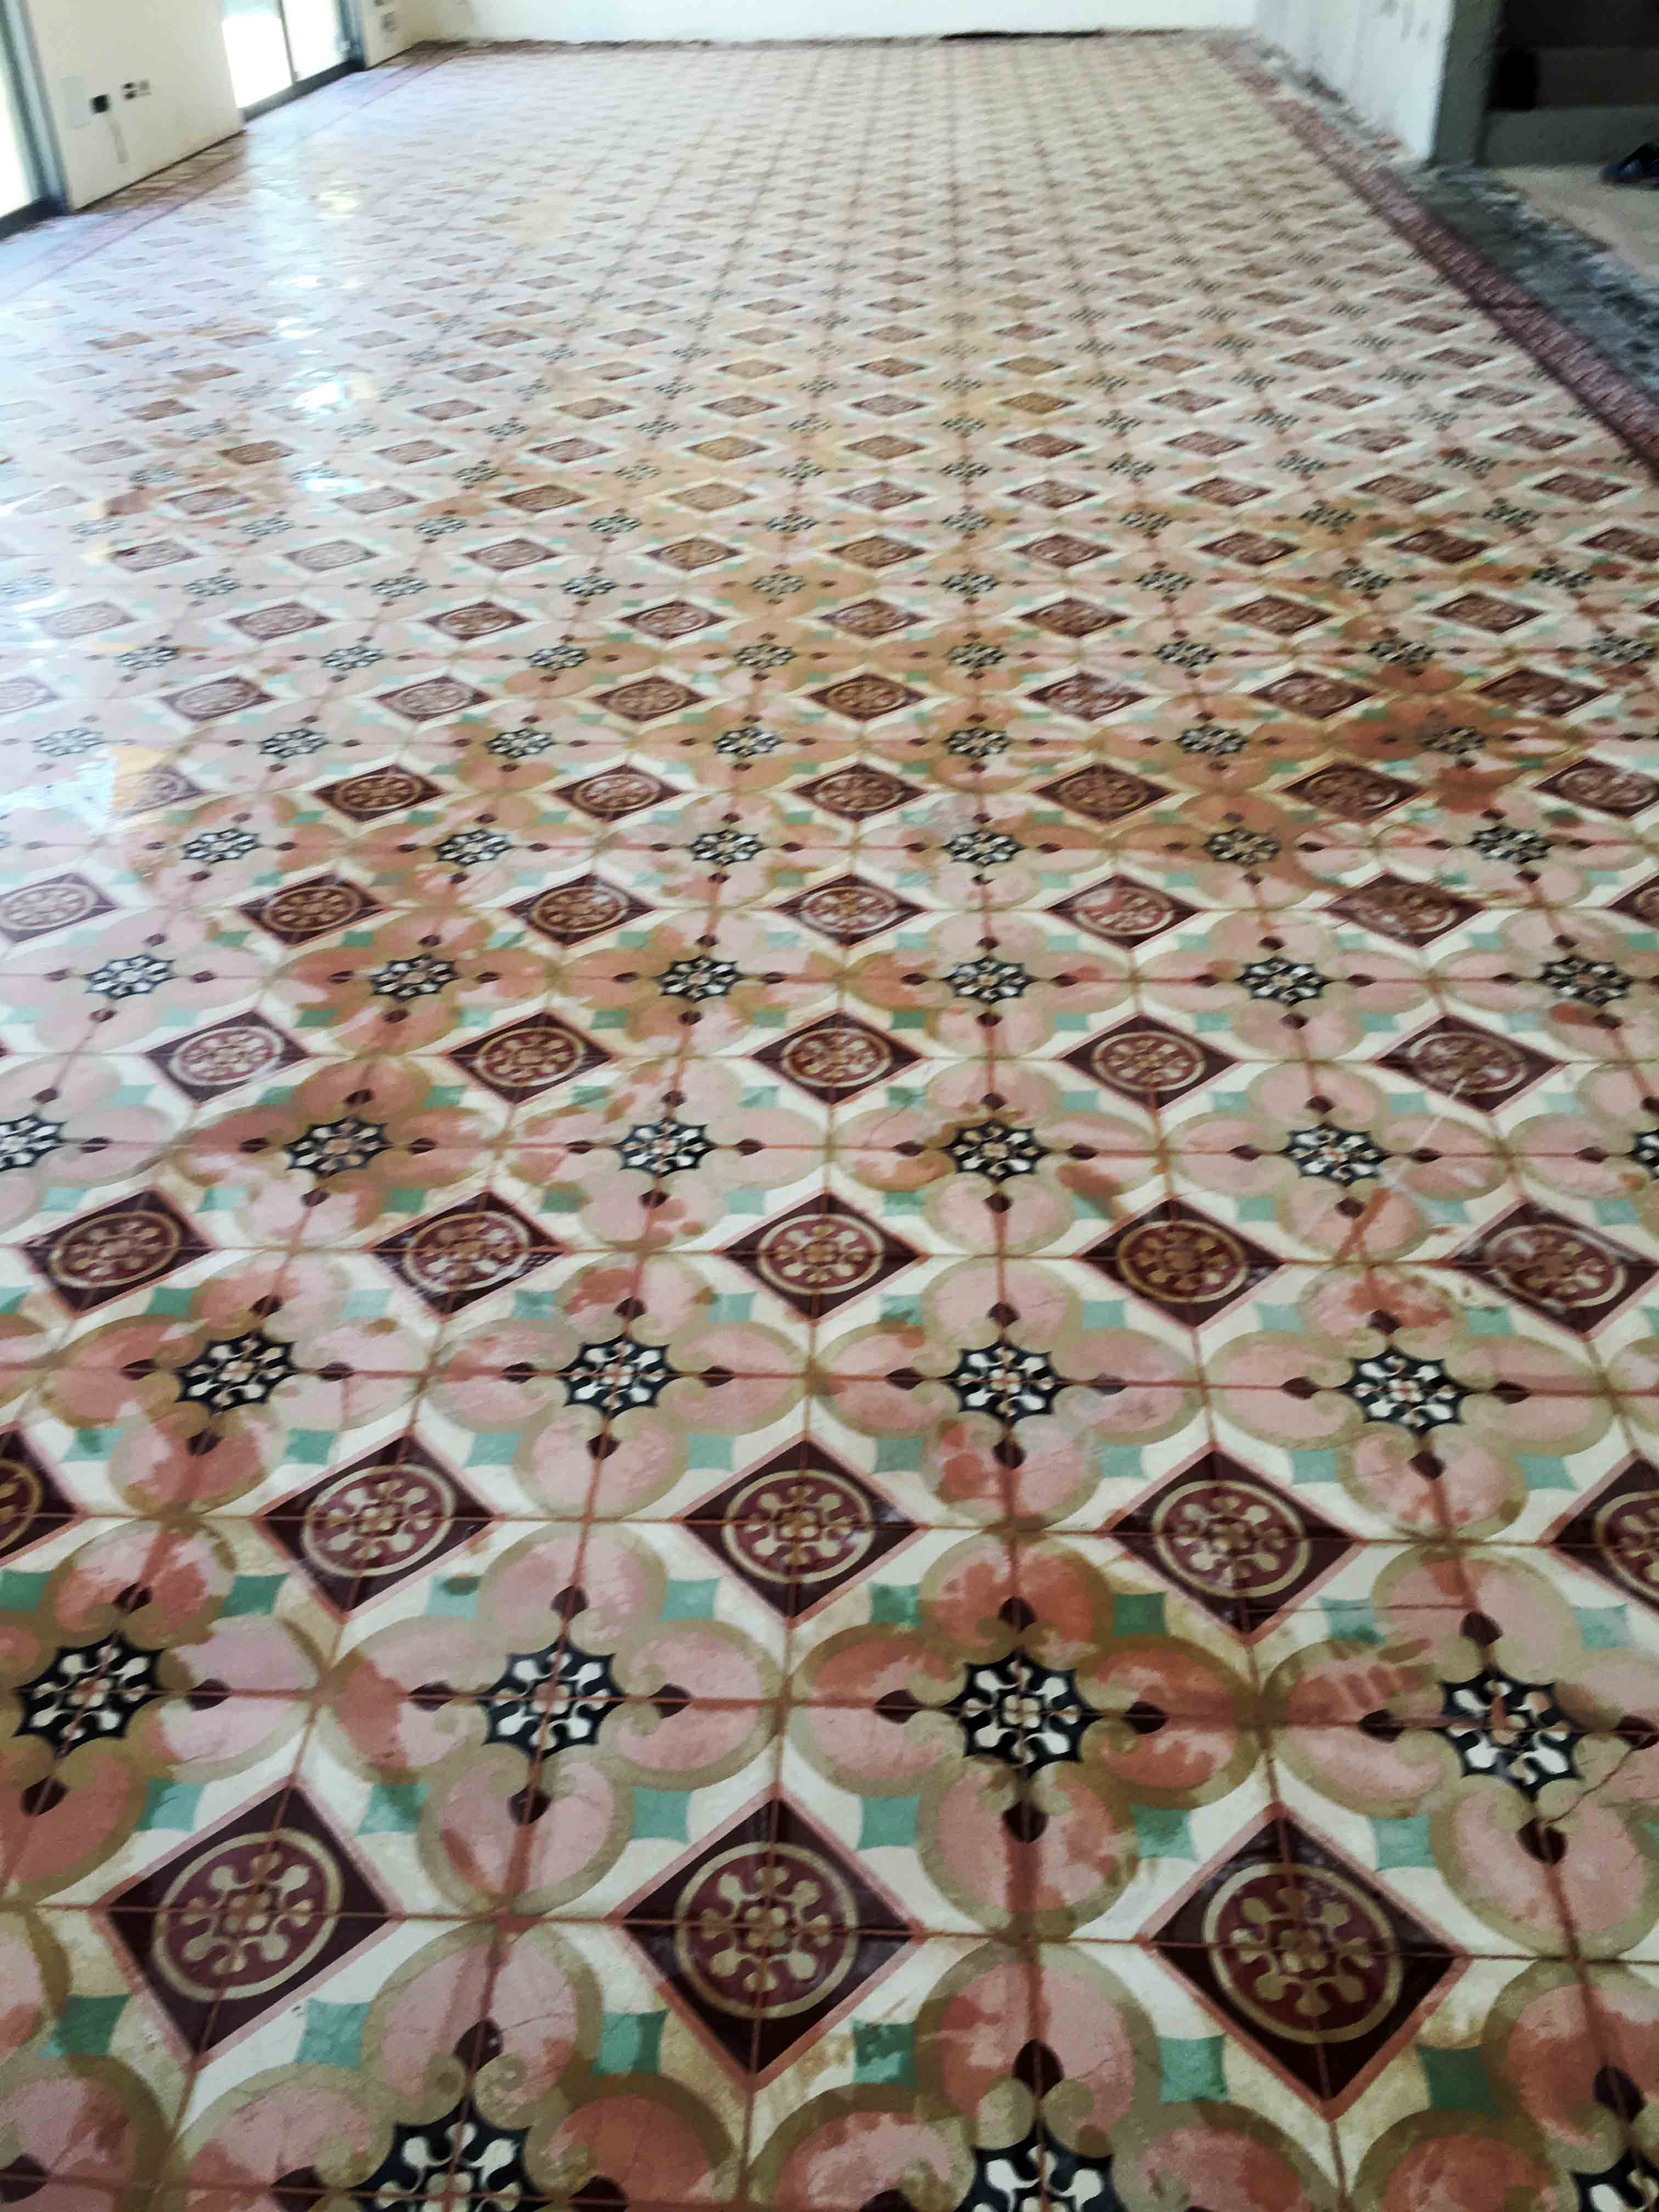 MosaicosBarcelona-Recuperacción-abrillantado-y-acristalado-de-suelos-de-mosaico-hidraulico-en-vivienda-en-Mallorca-Baleares-12